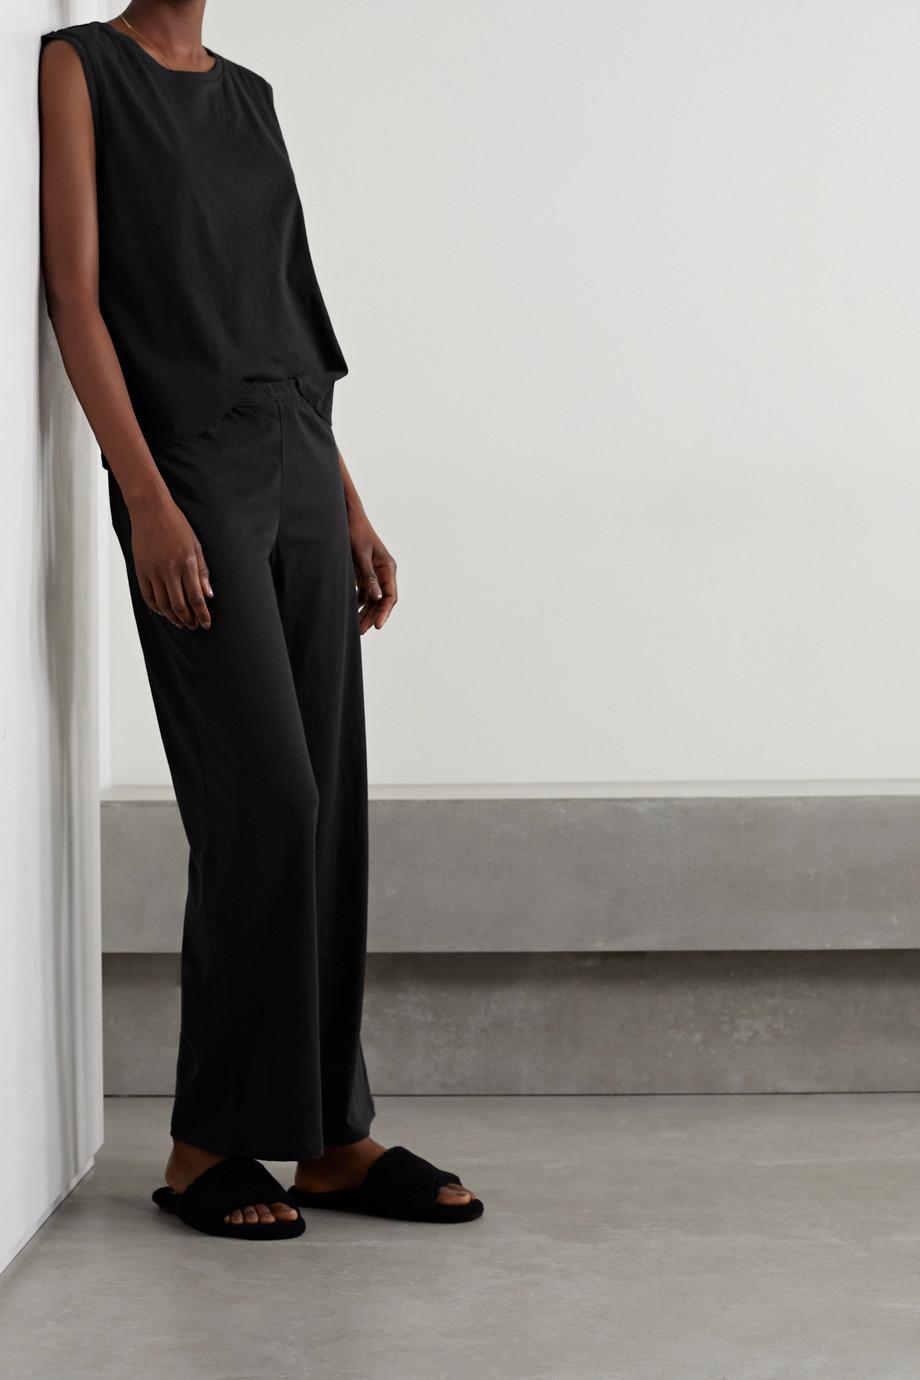 Skin + NET SUSTAIN Christine Hose aus Bio-Pima-Baumwoll-Jersey